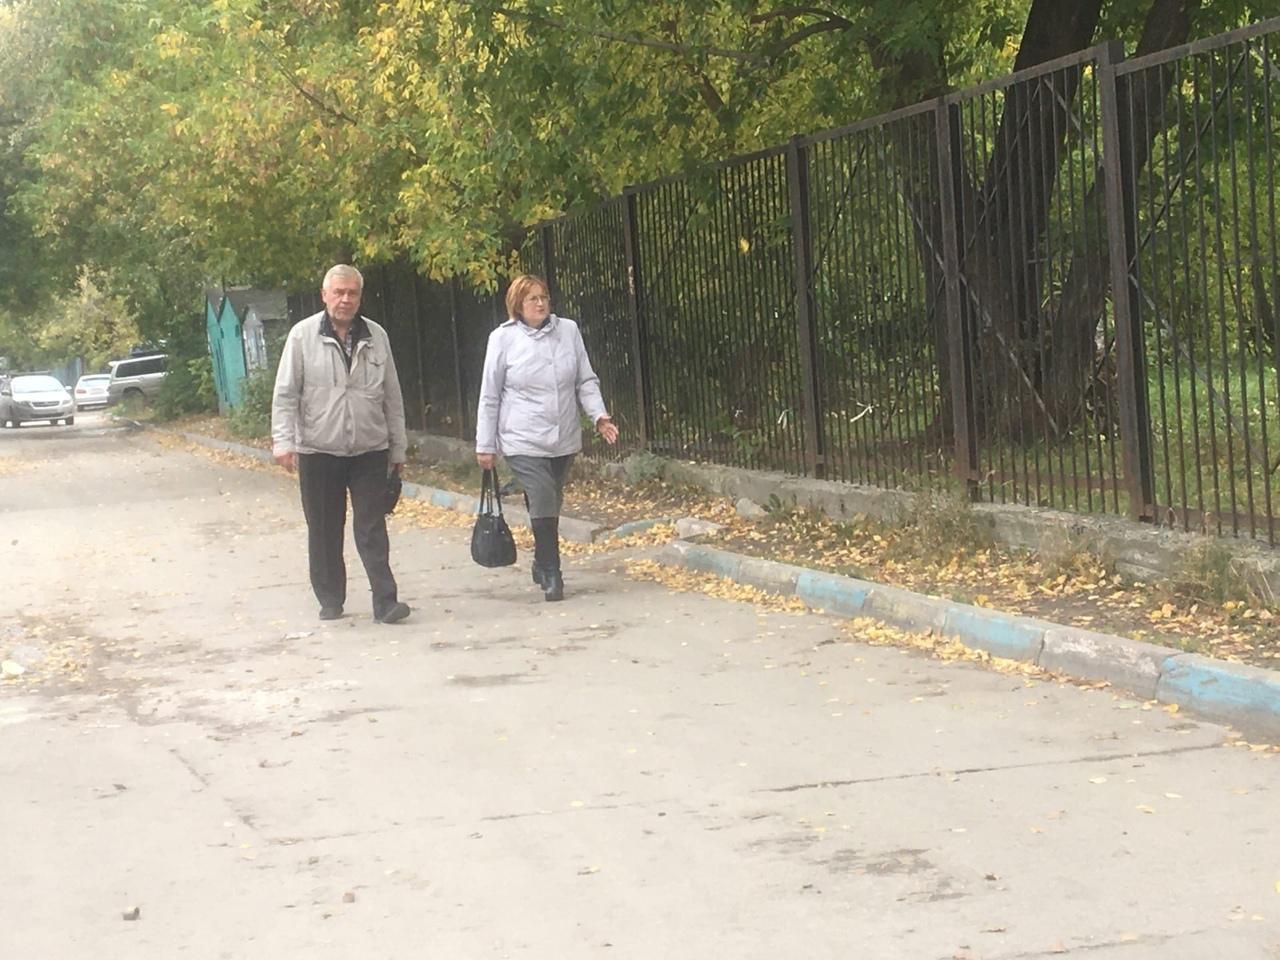 Фото Выборы в Новосибирске: онлайн дня голосования за депутатов Госдумы 19 сентября 2021 года 17